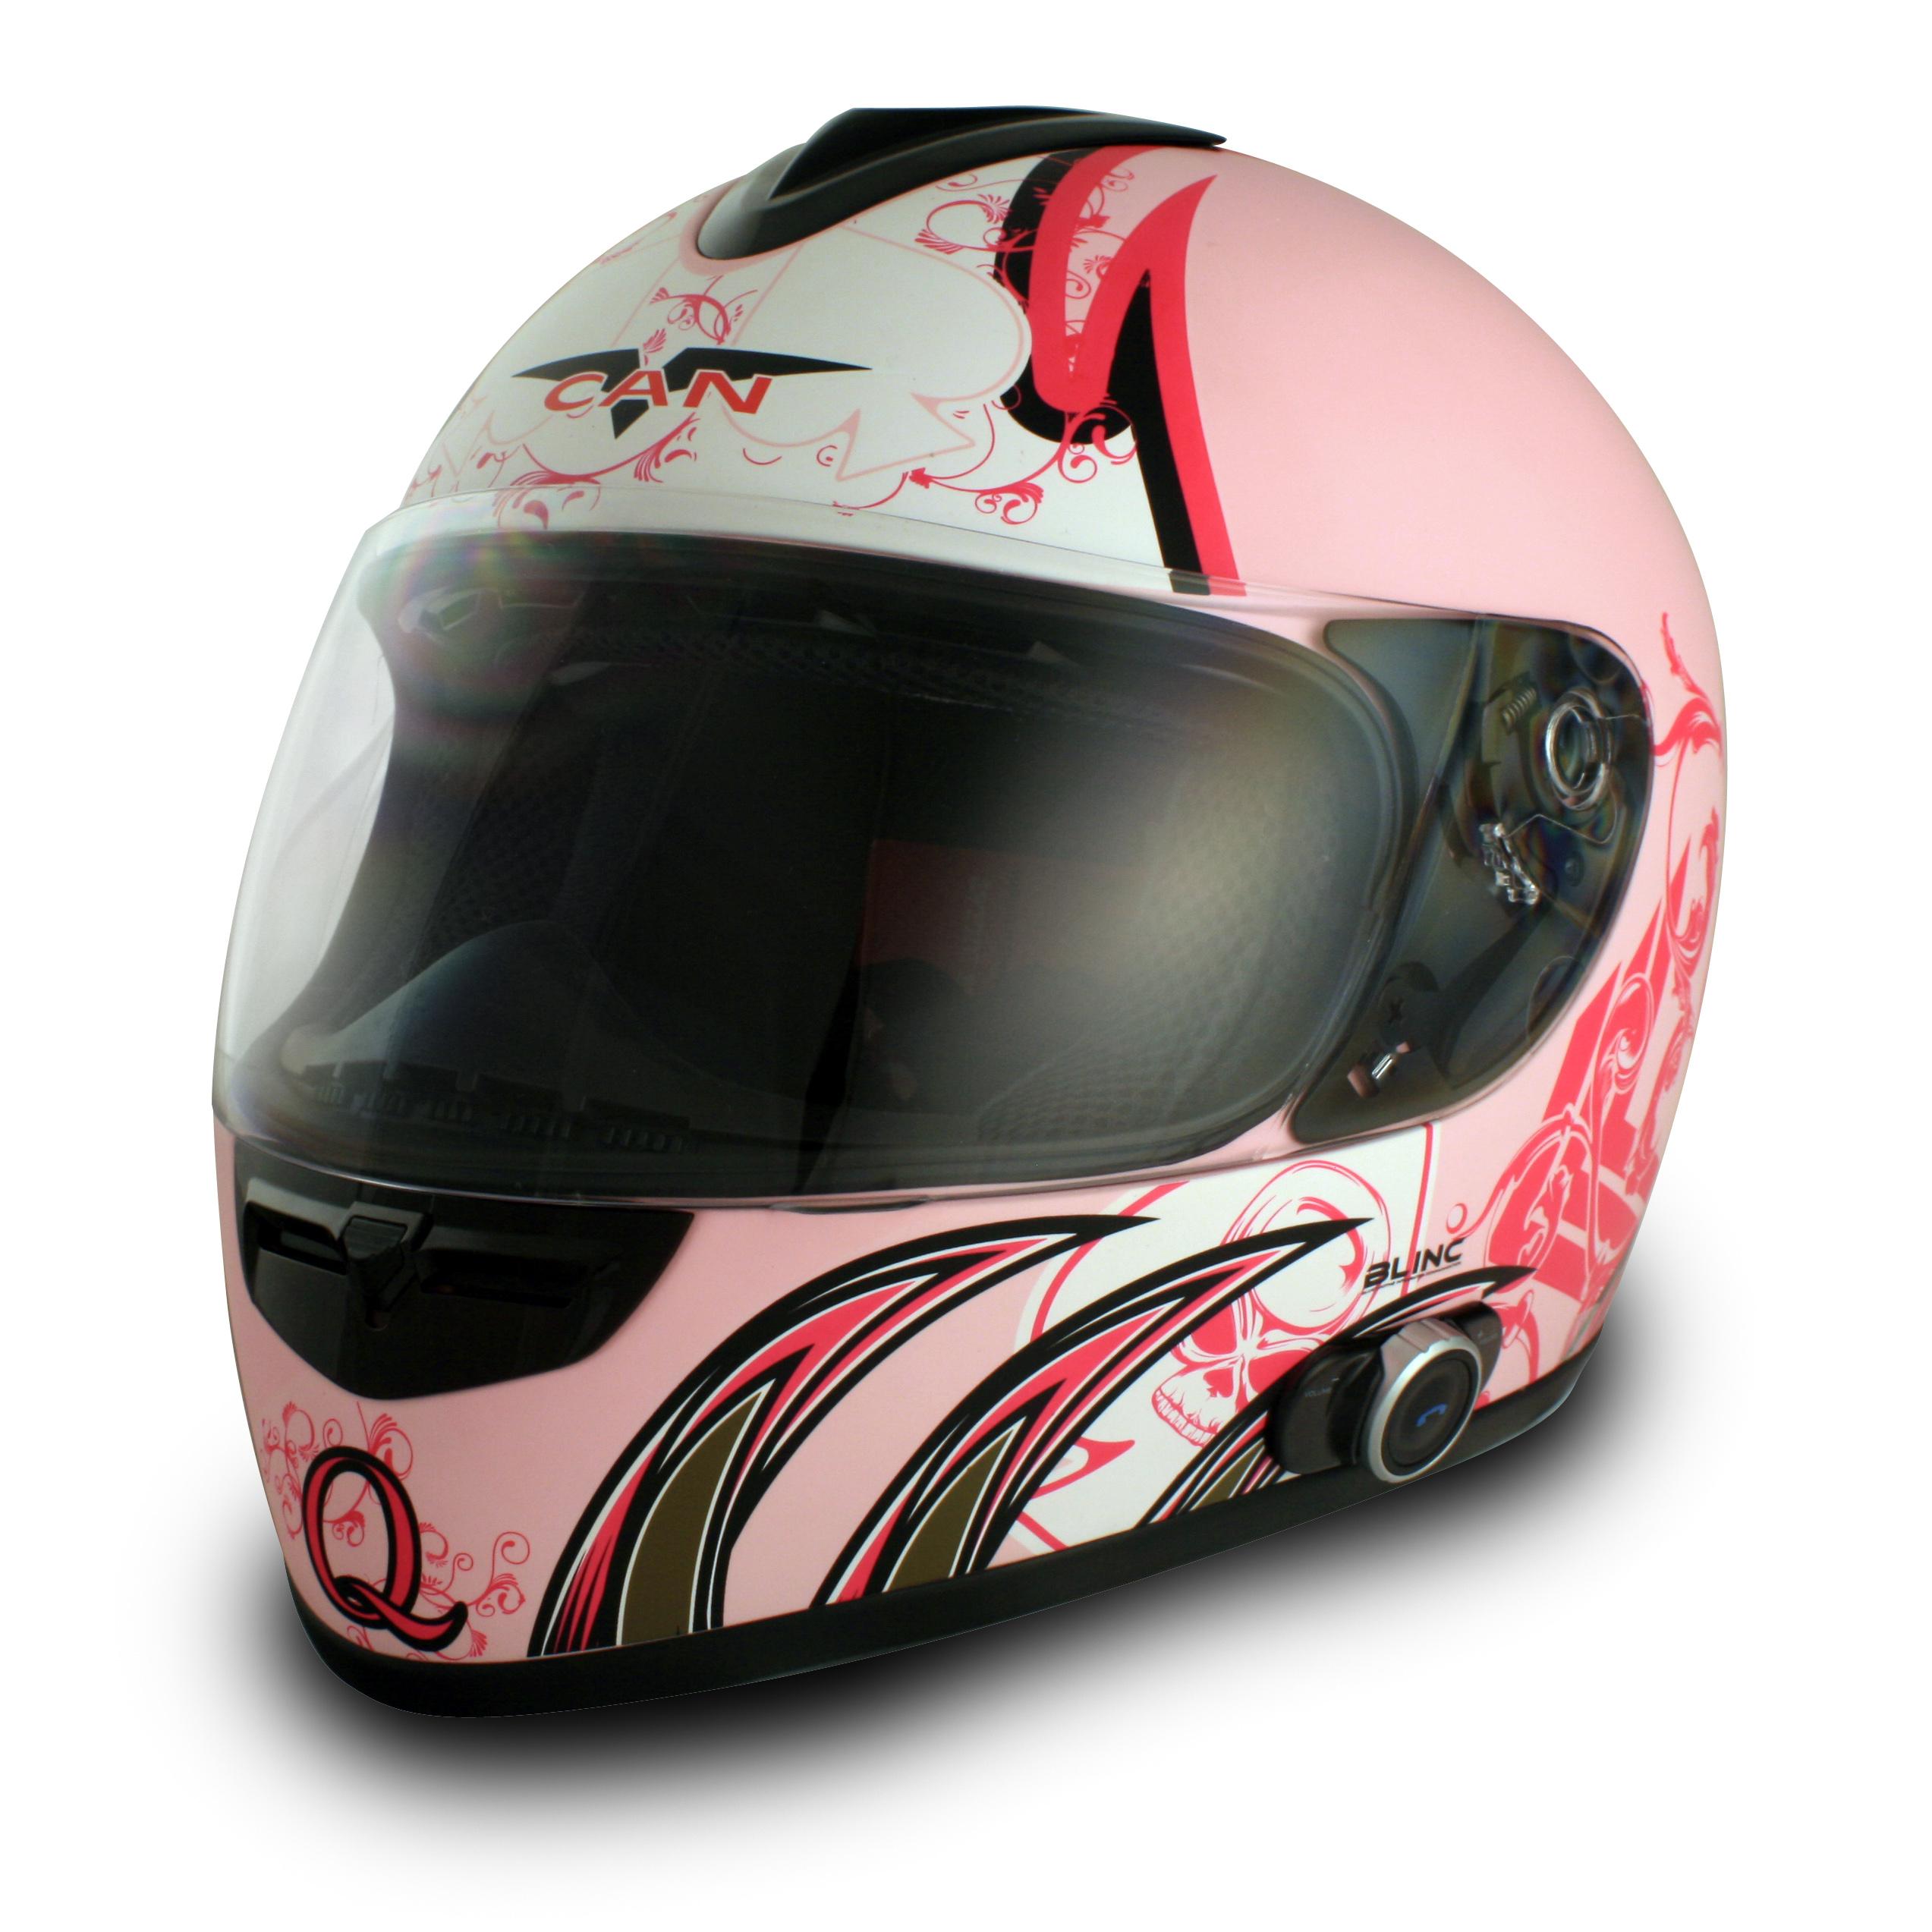 Motorcycle Helmet Laws - By State